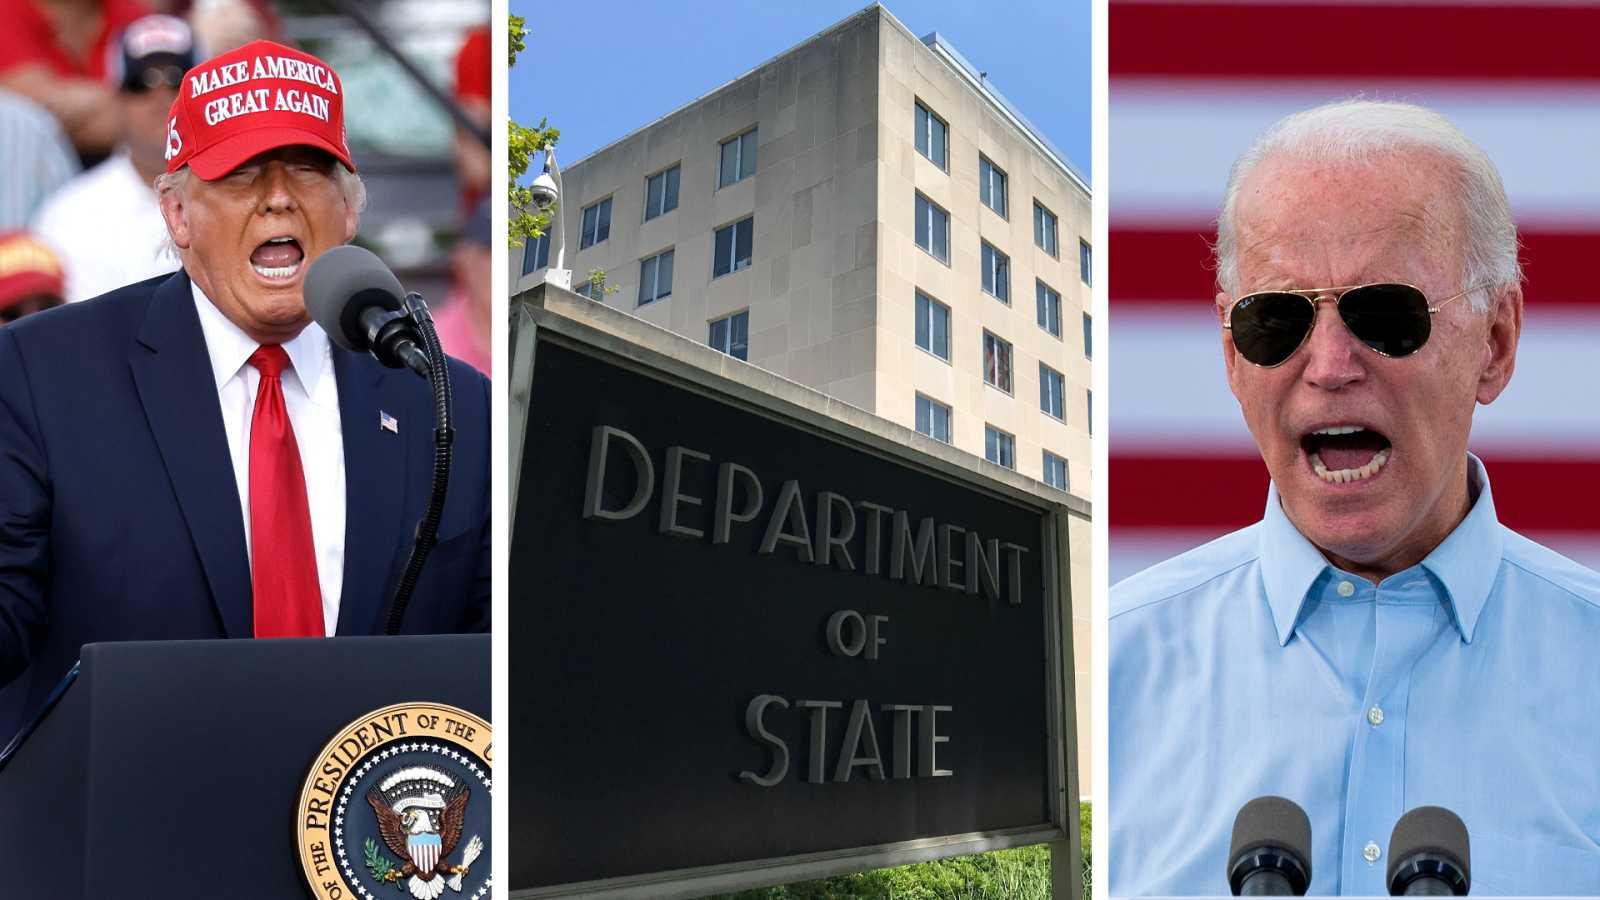 Cinco continentes - Presidenciales EEUU: política exterior - Escuchar ahora